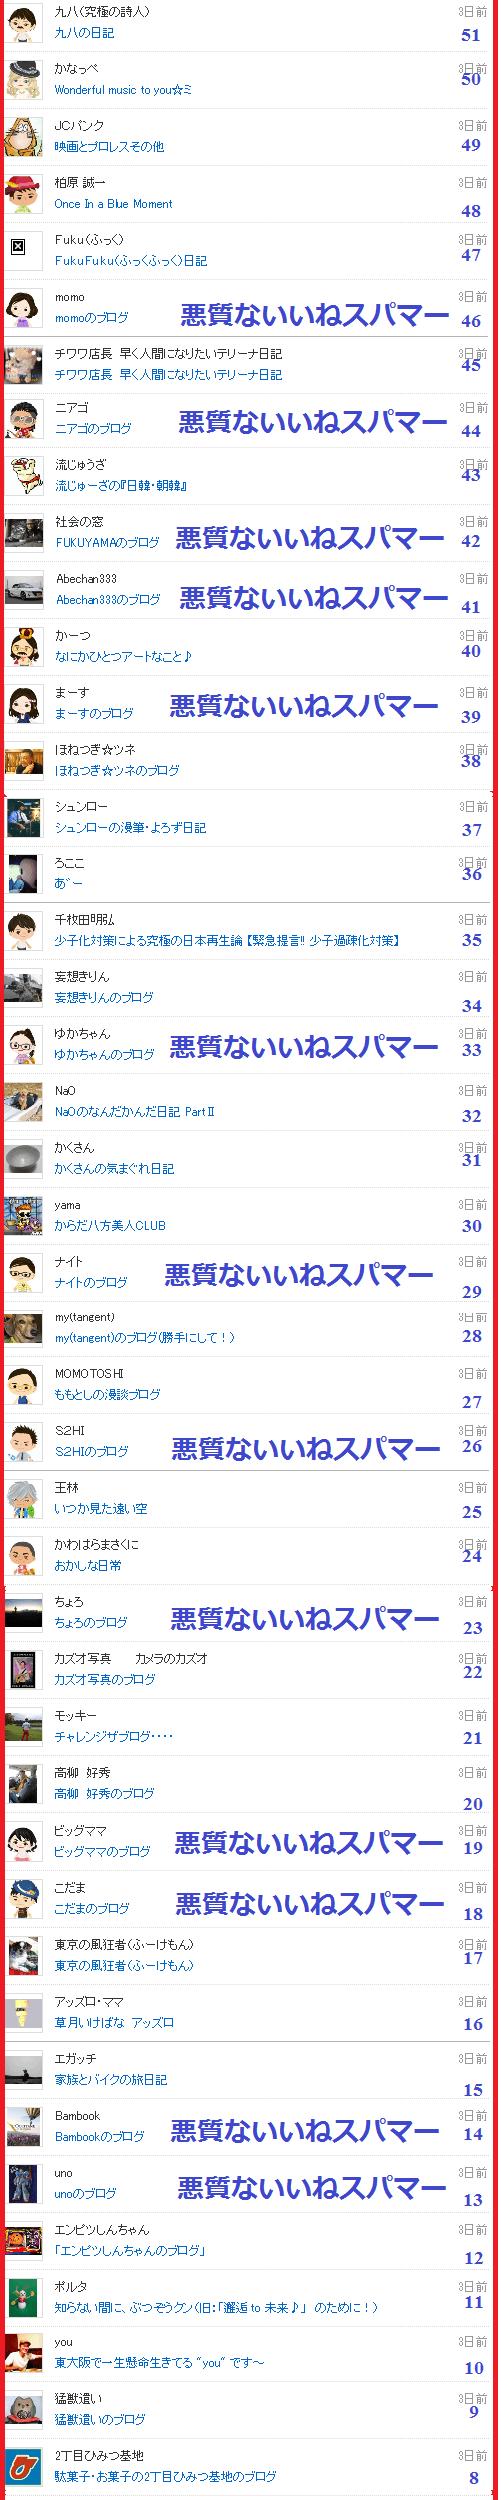 つぶちゃんは悪質スパマーのブログに付いた「いいねリスト6」